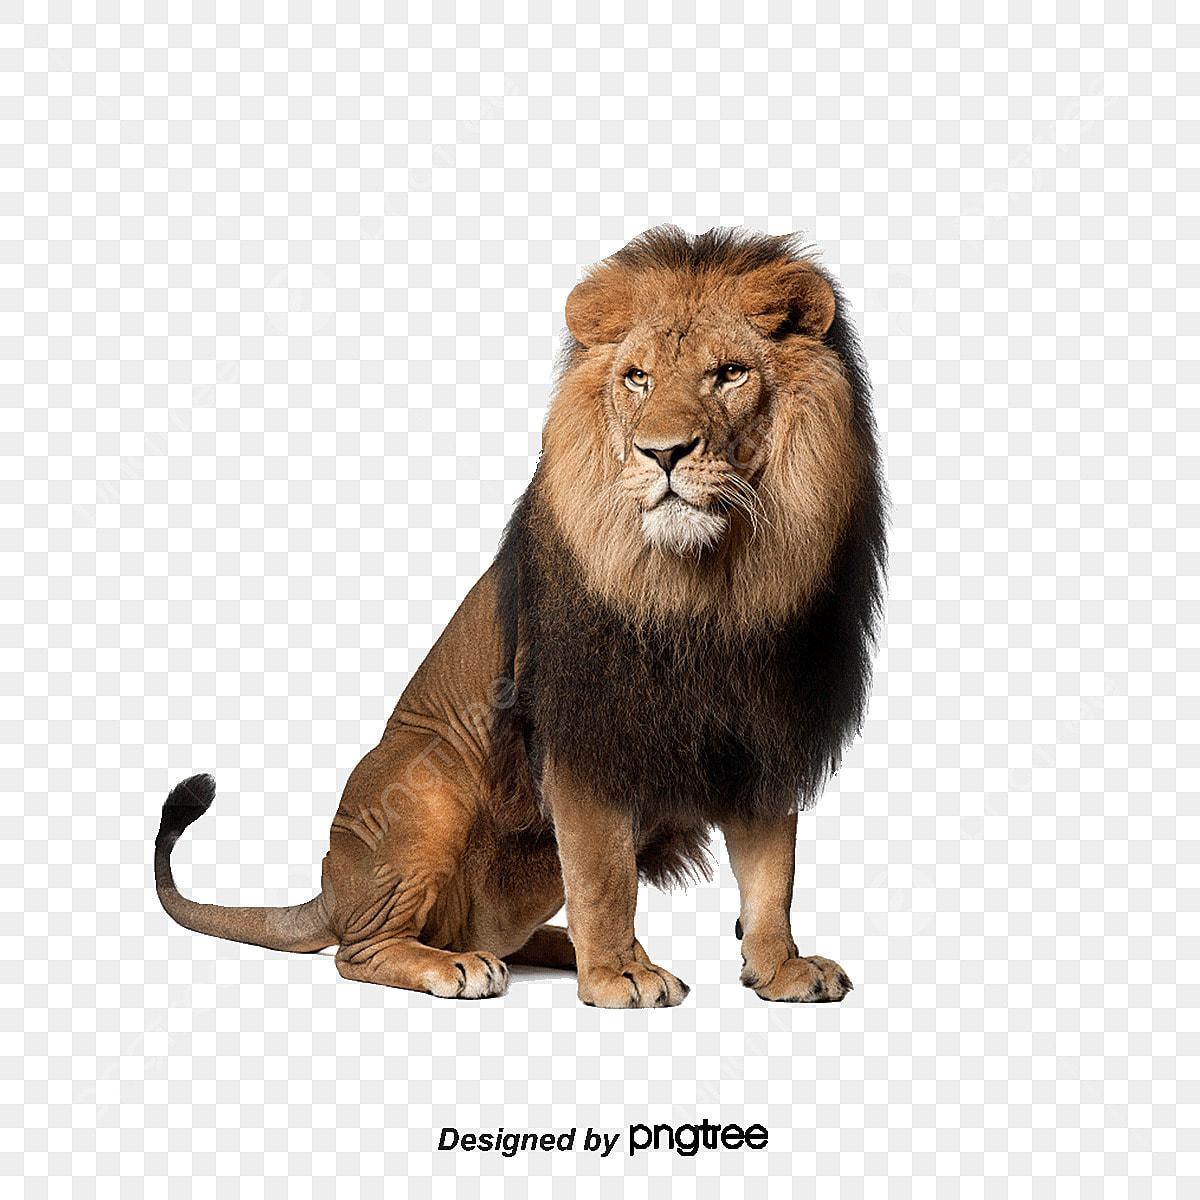 le lion animal le lion adultes fichier png et psd pour le t u00e9l u00e9chargement libre